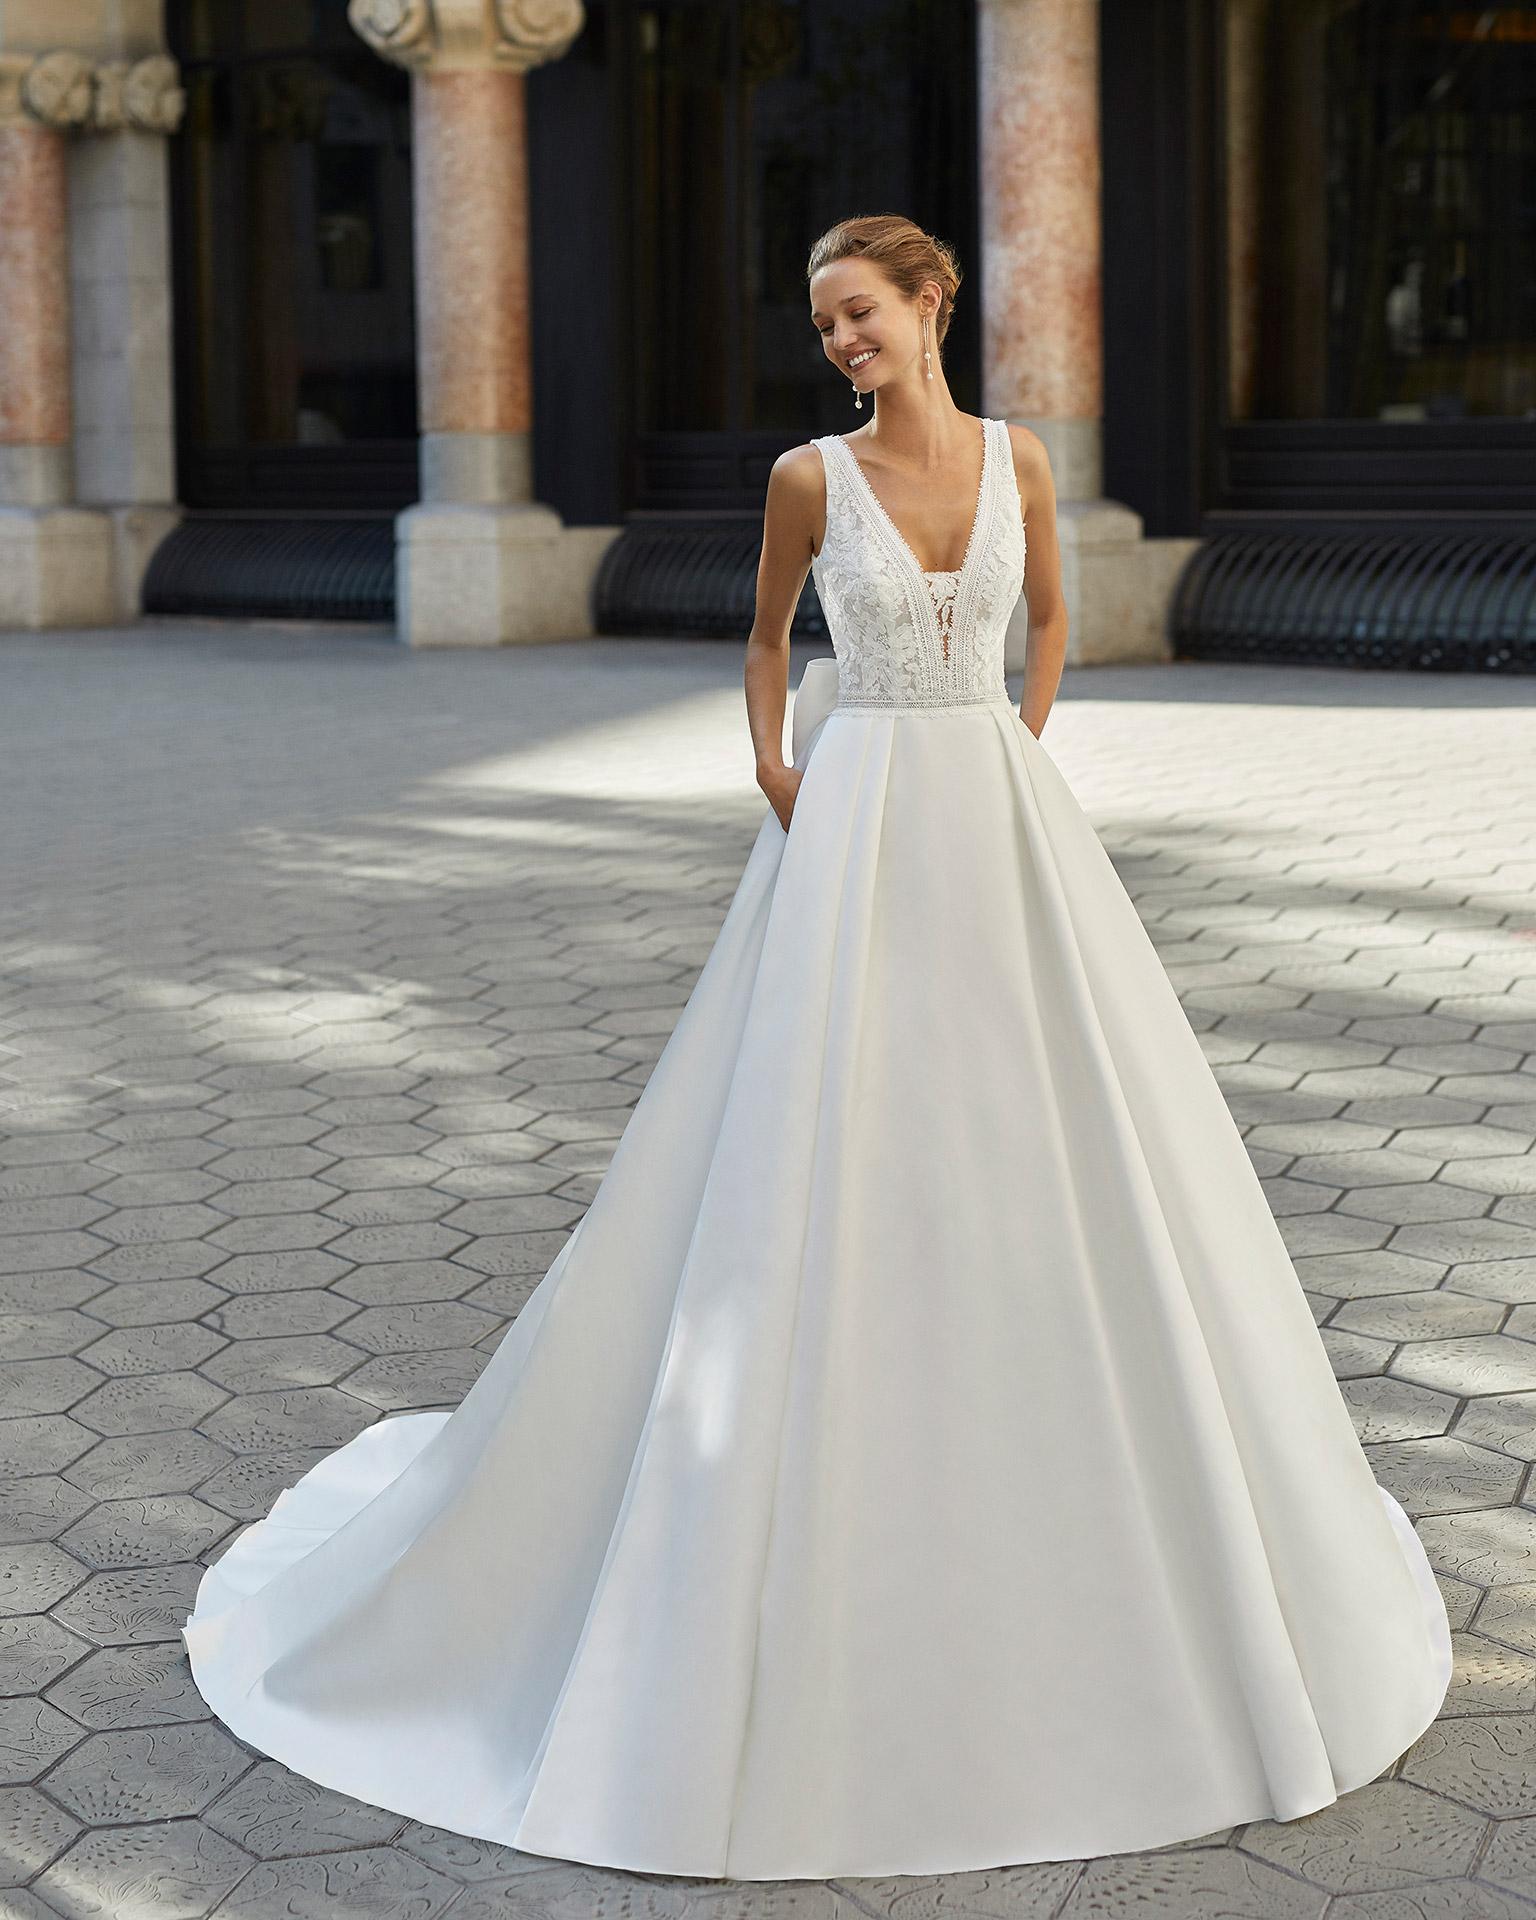 Vestido de novia de estilo clásico, raso, encaje y pedrería en cintura. Escote en V y espalda con encaje aplicado. Colección  2022.